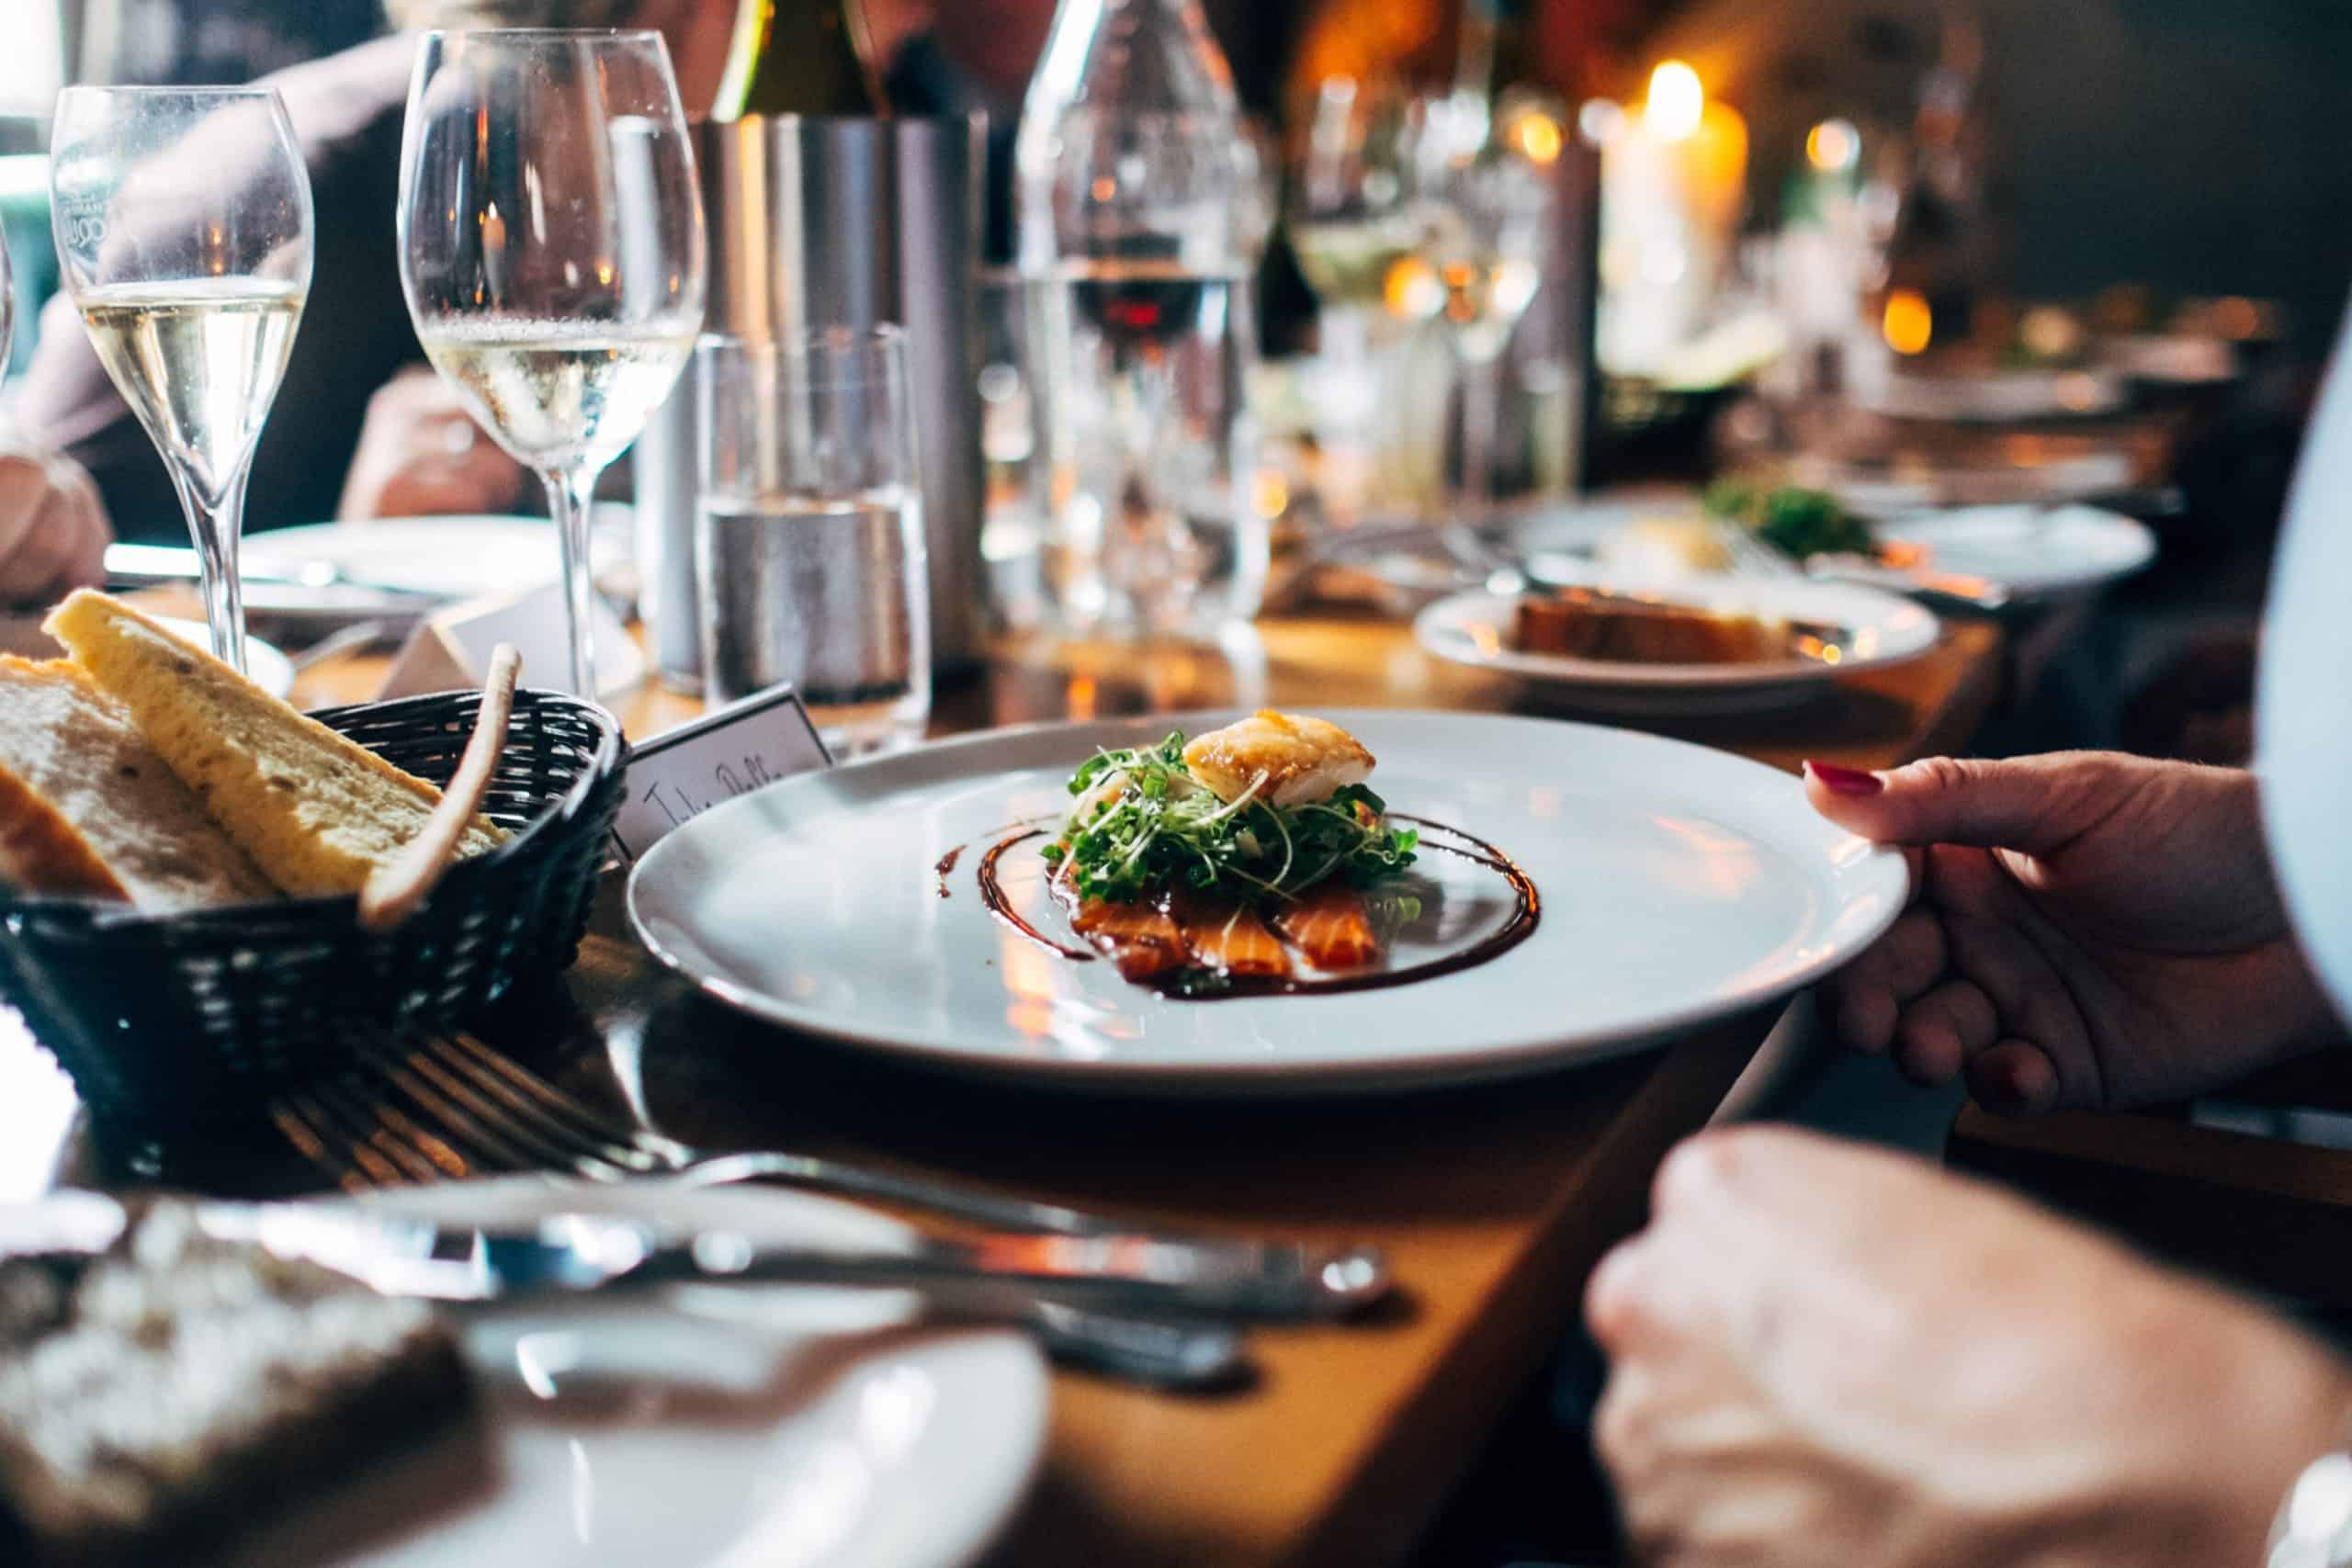 Take a Restaurant es la modalidad que no solo lleva la comida a tu casa, sino que también lleva el restaurante